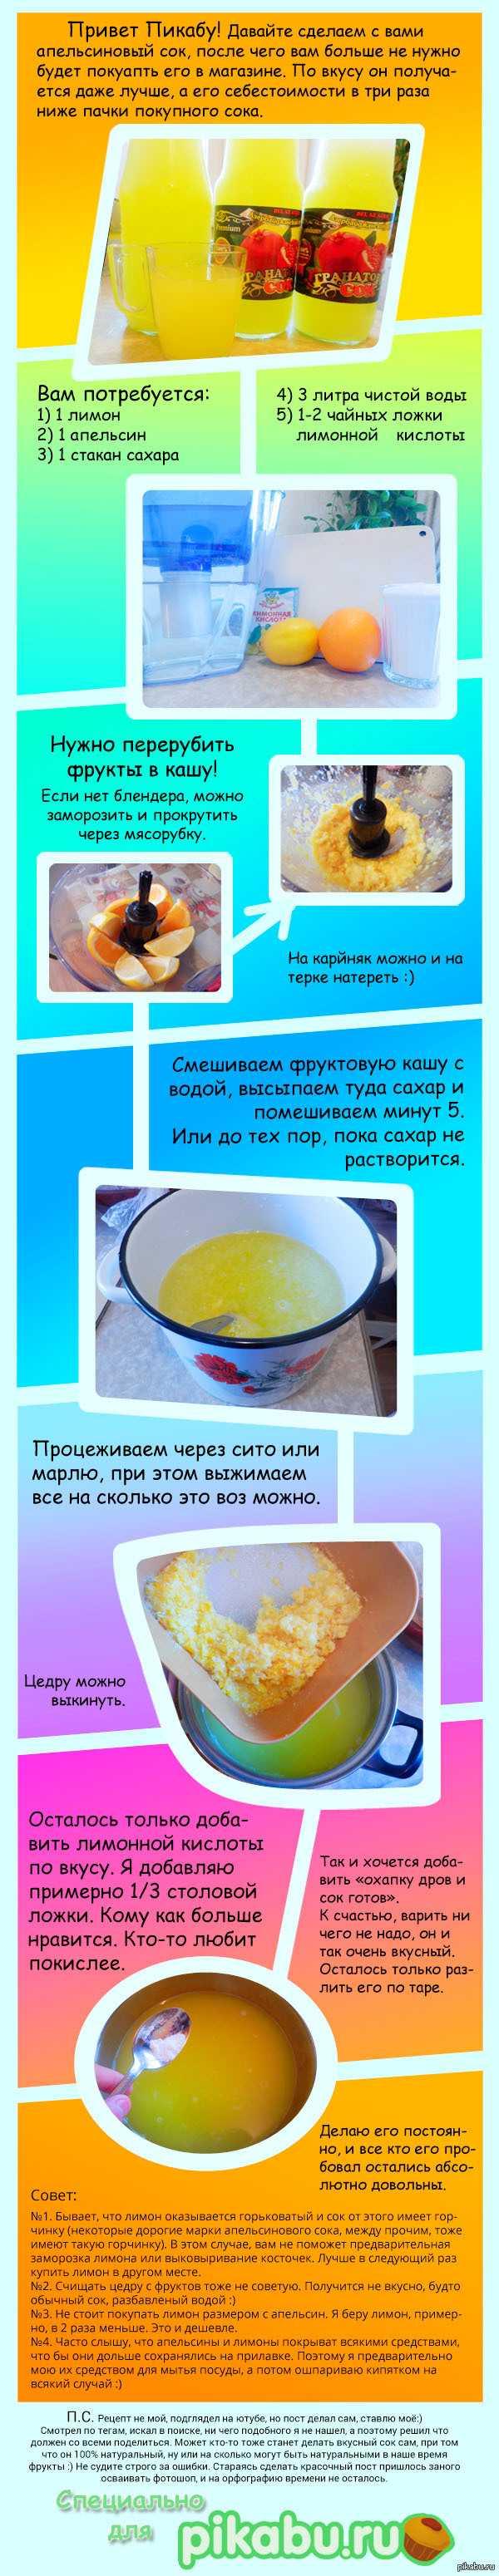 Как варить сок в соковарке? сок в соковарке - рецепт